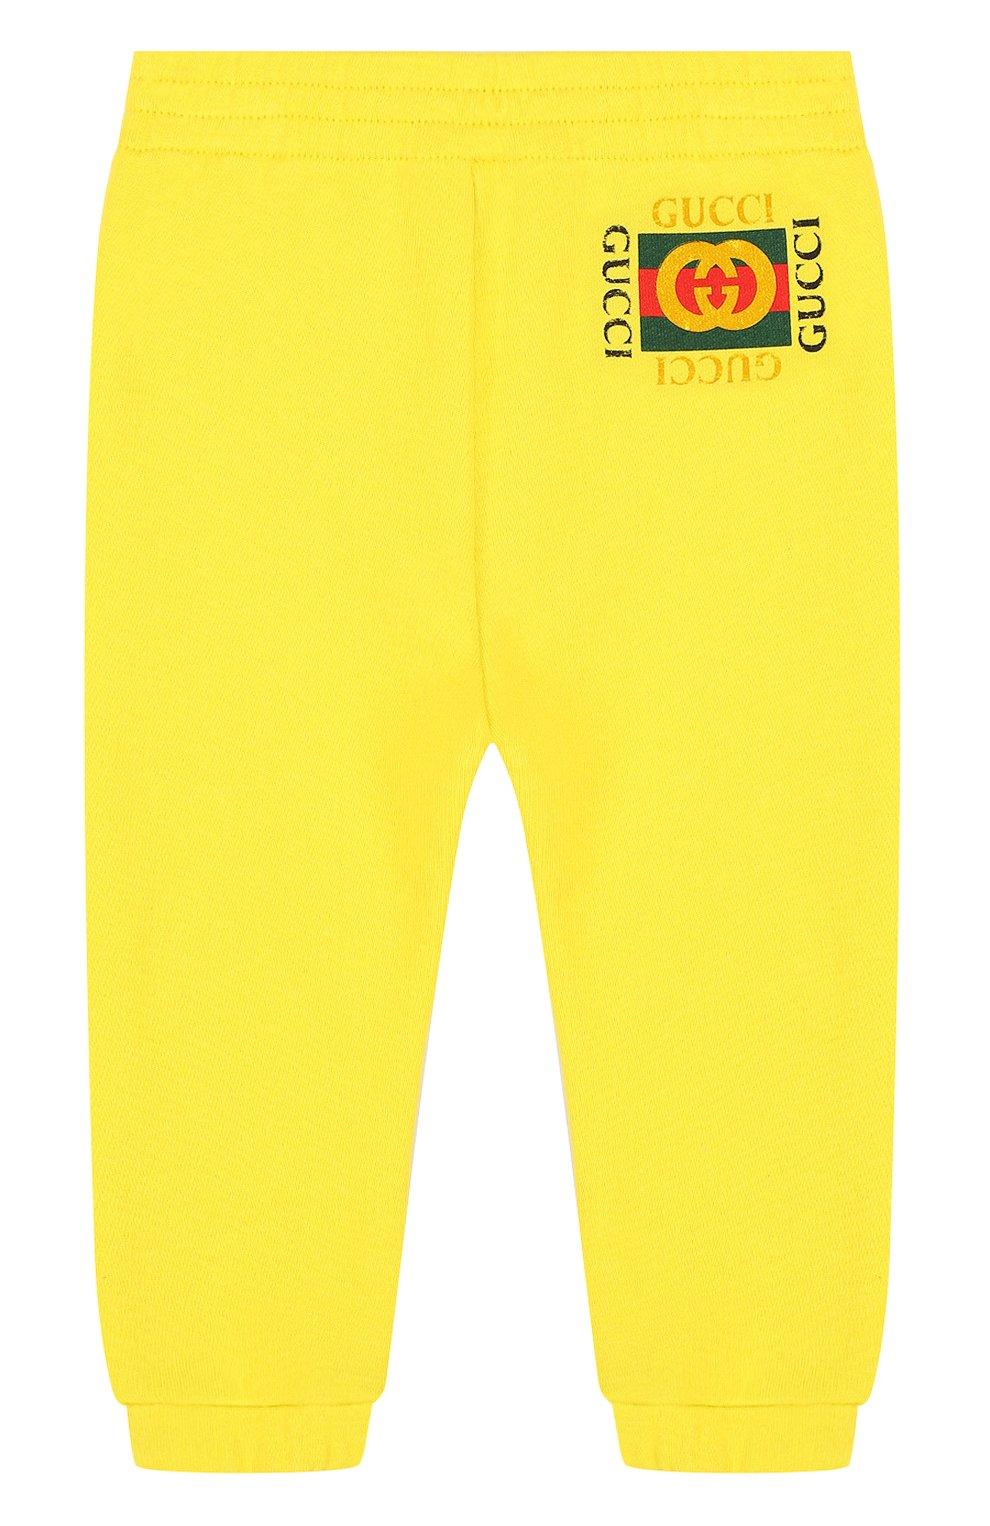 Детские хлопковые джоггеры с логотипом бренда GUCCI желтого цвета, арт. 509179/X3L00 | Фото 1